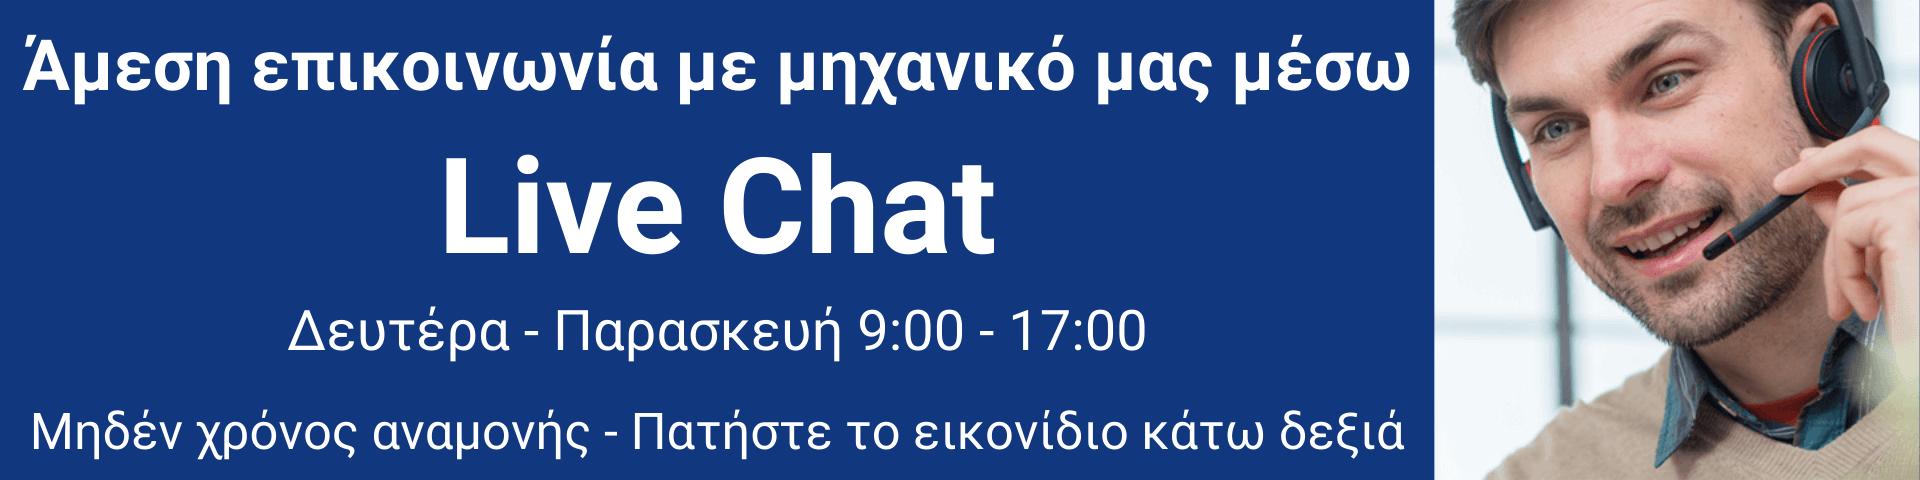 Άμεση επικοινωνία με την Alfa Laval μέσω Live Chat